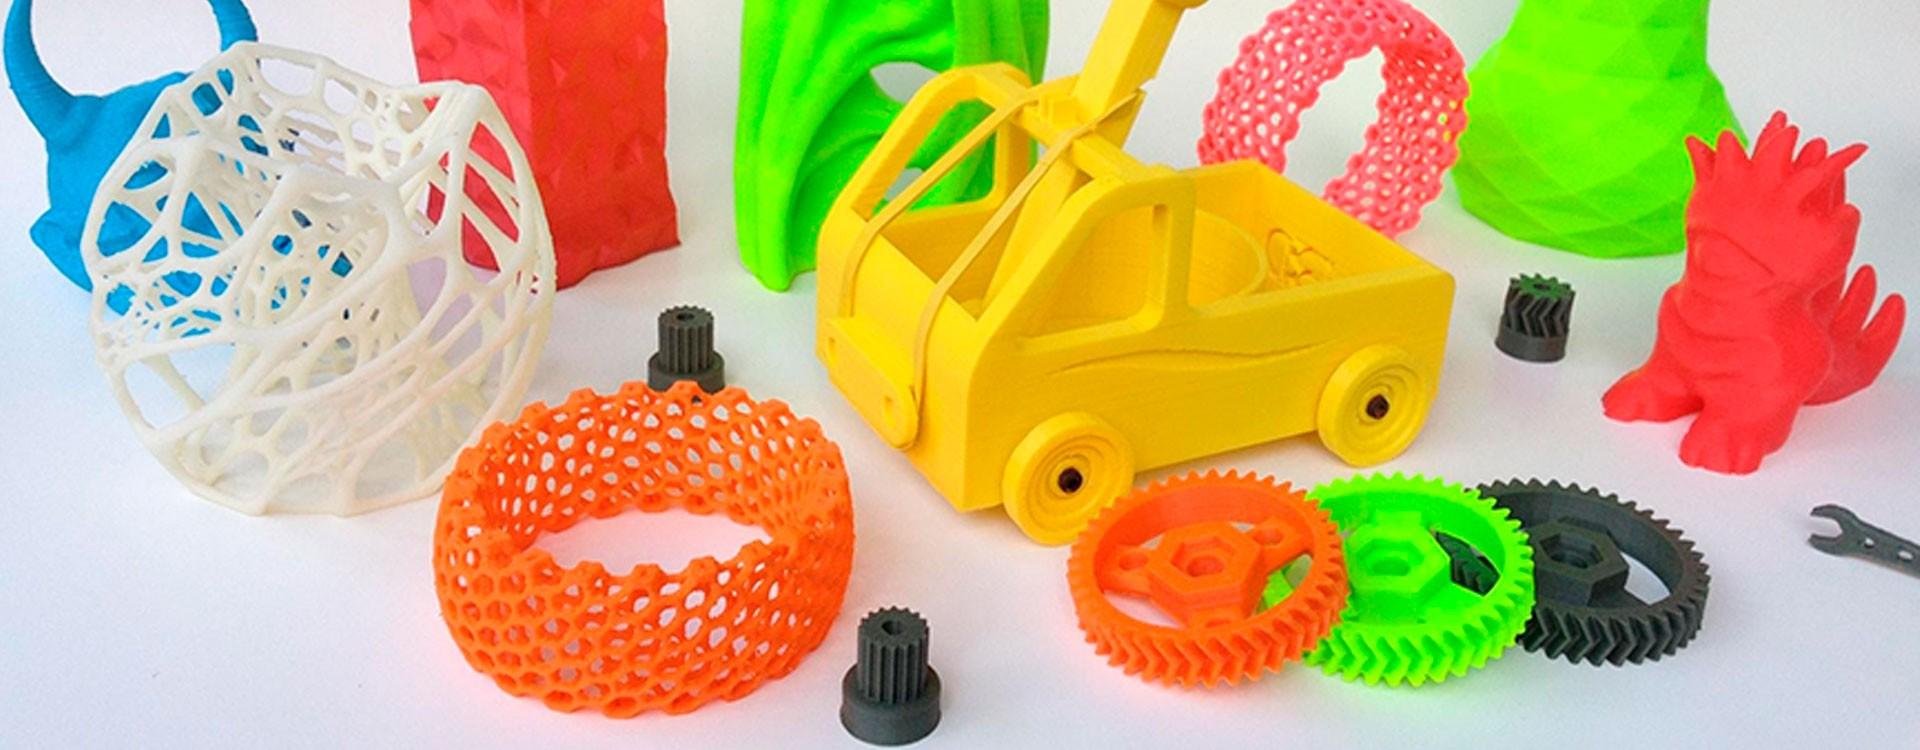 Как выбрать 3D принтер и технологию 3D печати